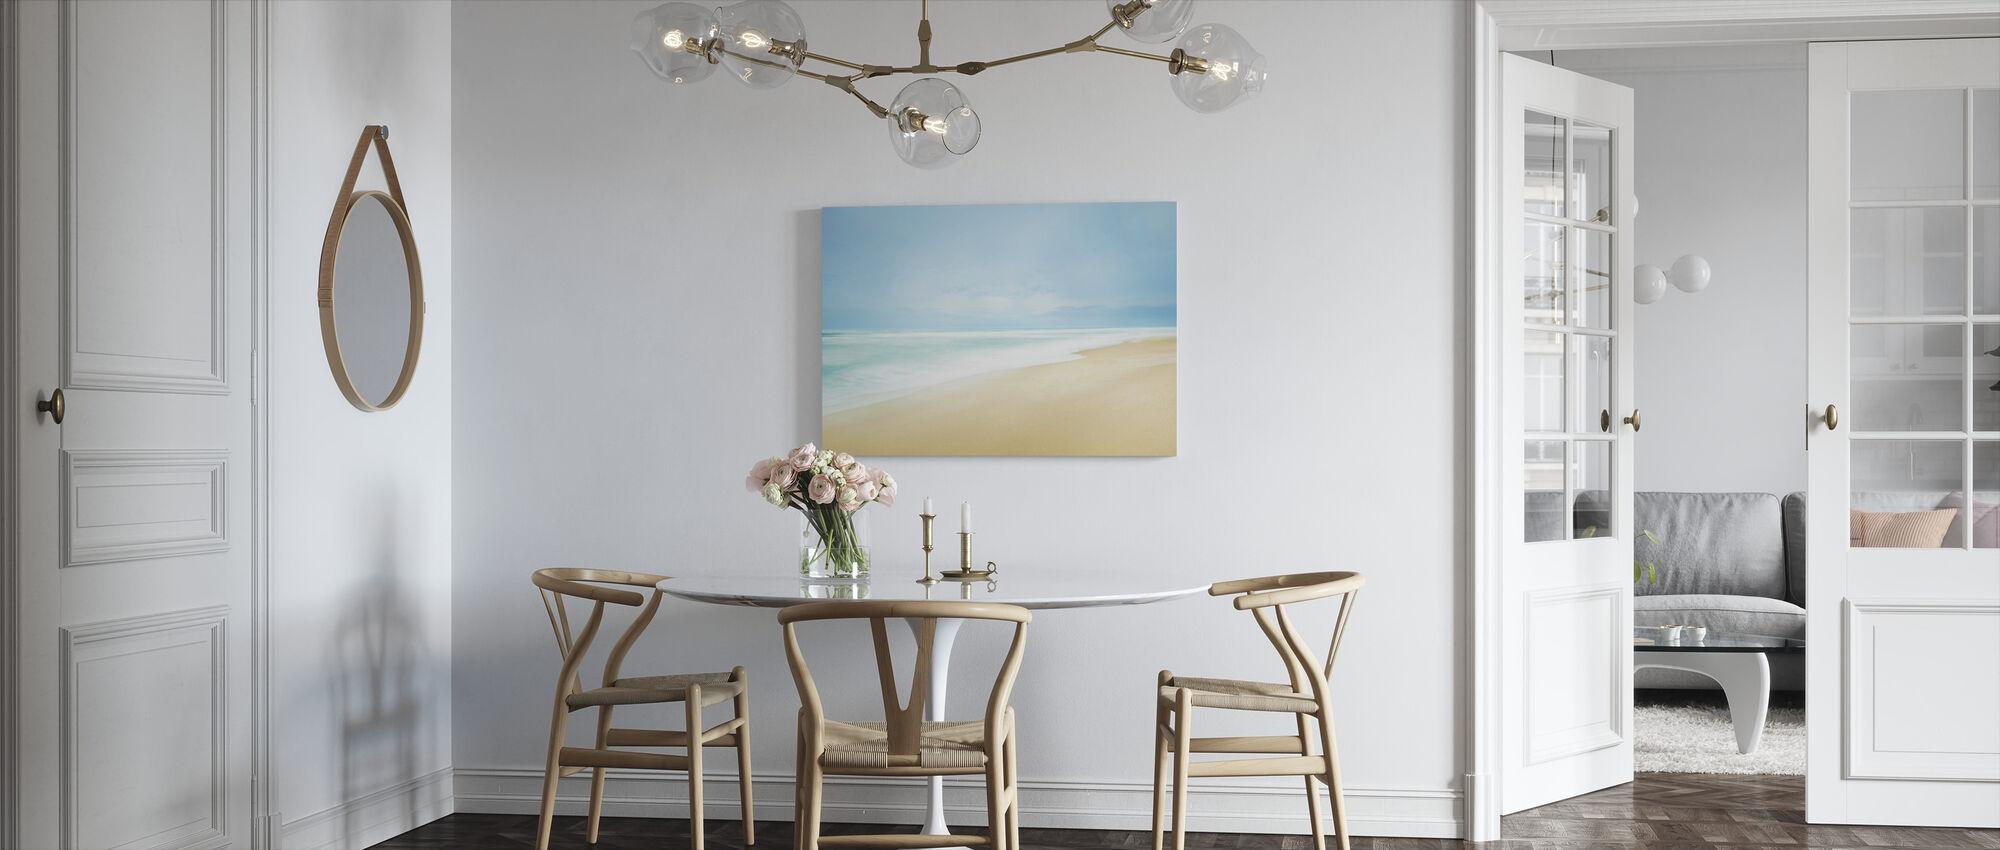 Beachscape kuva - Canvastaulu - Keittiö